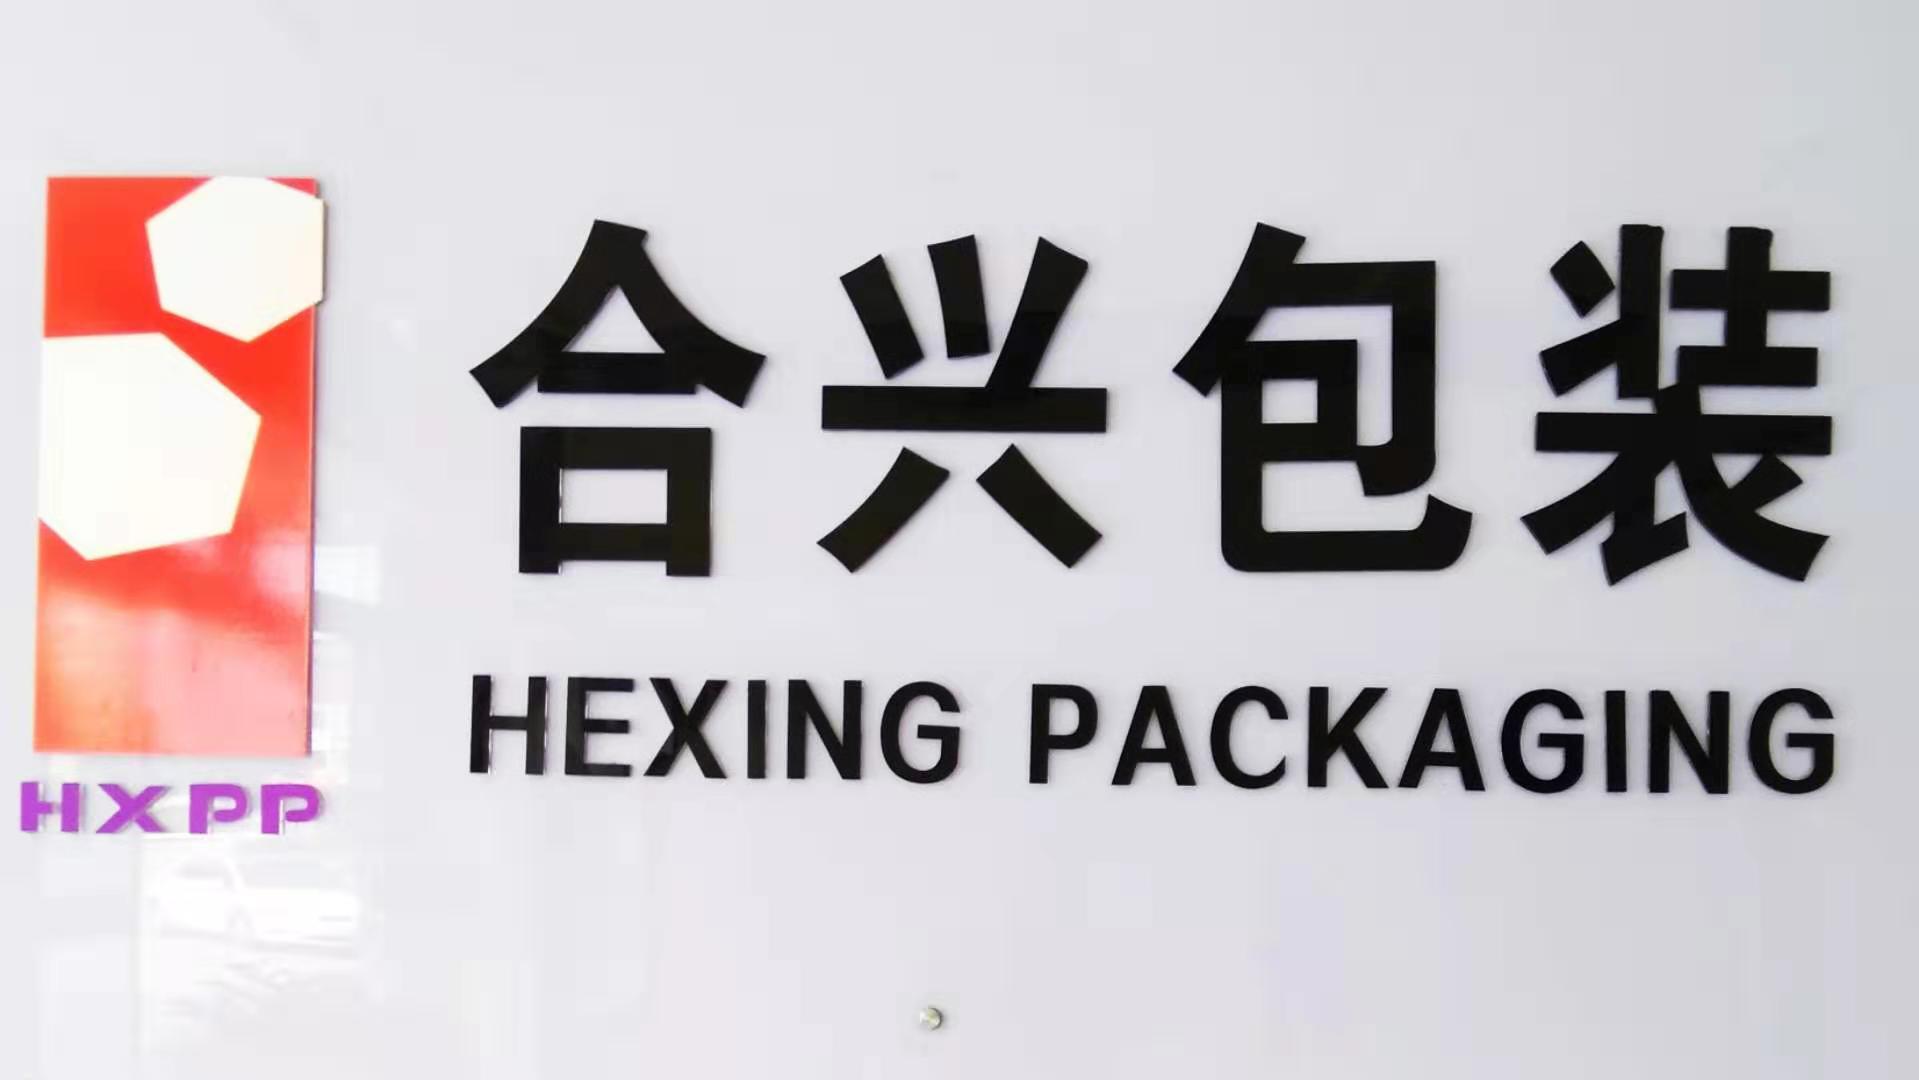 绍兴市合兴包装印刷有限公司(上市企业股票代码002228)